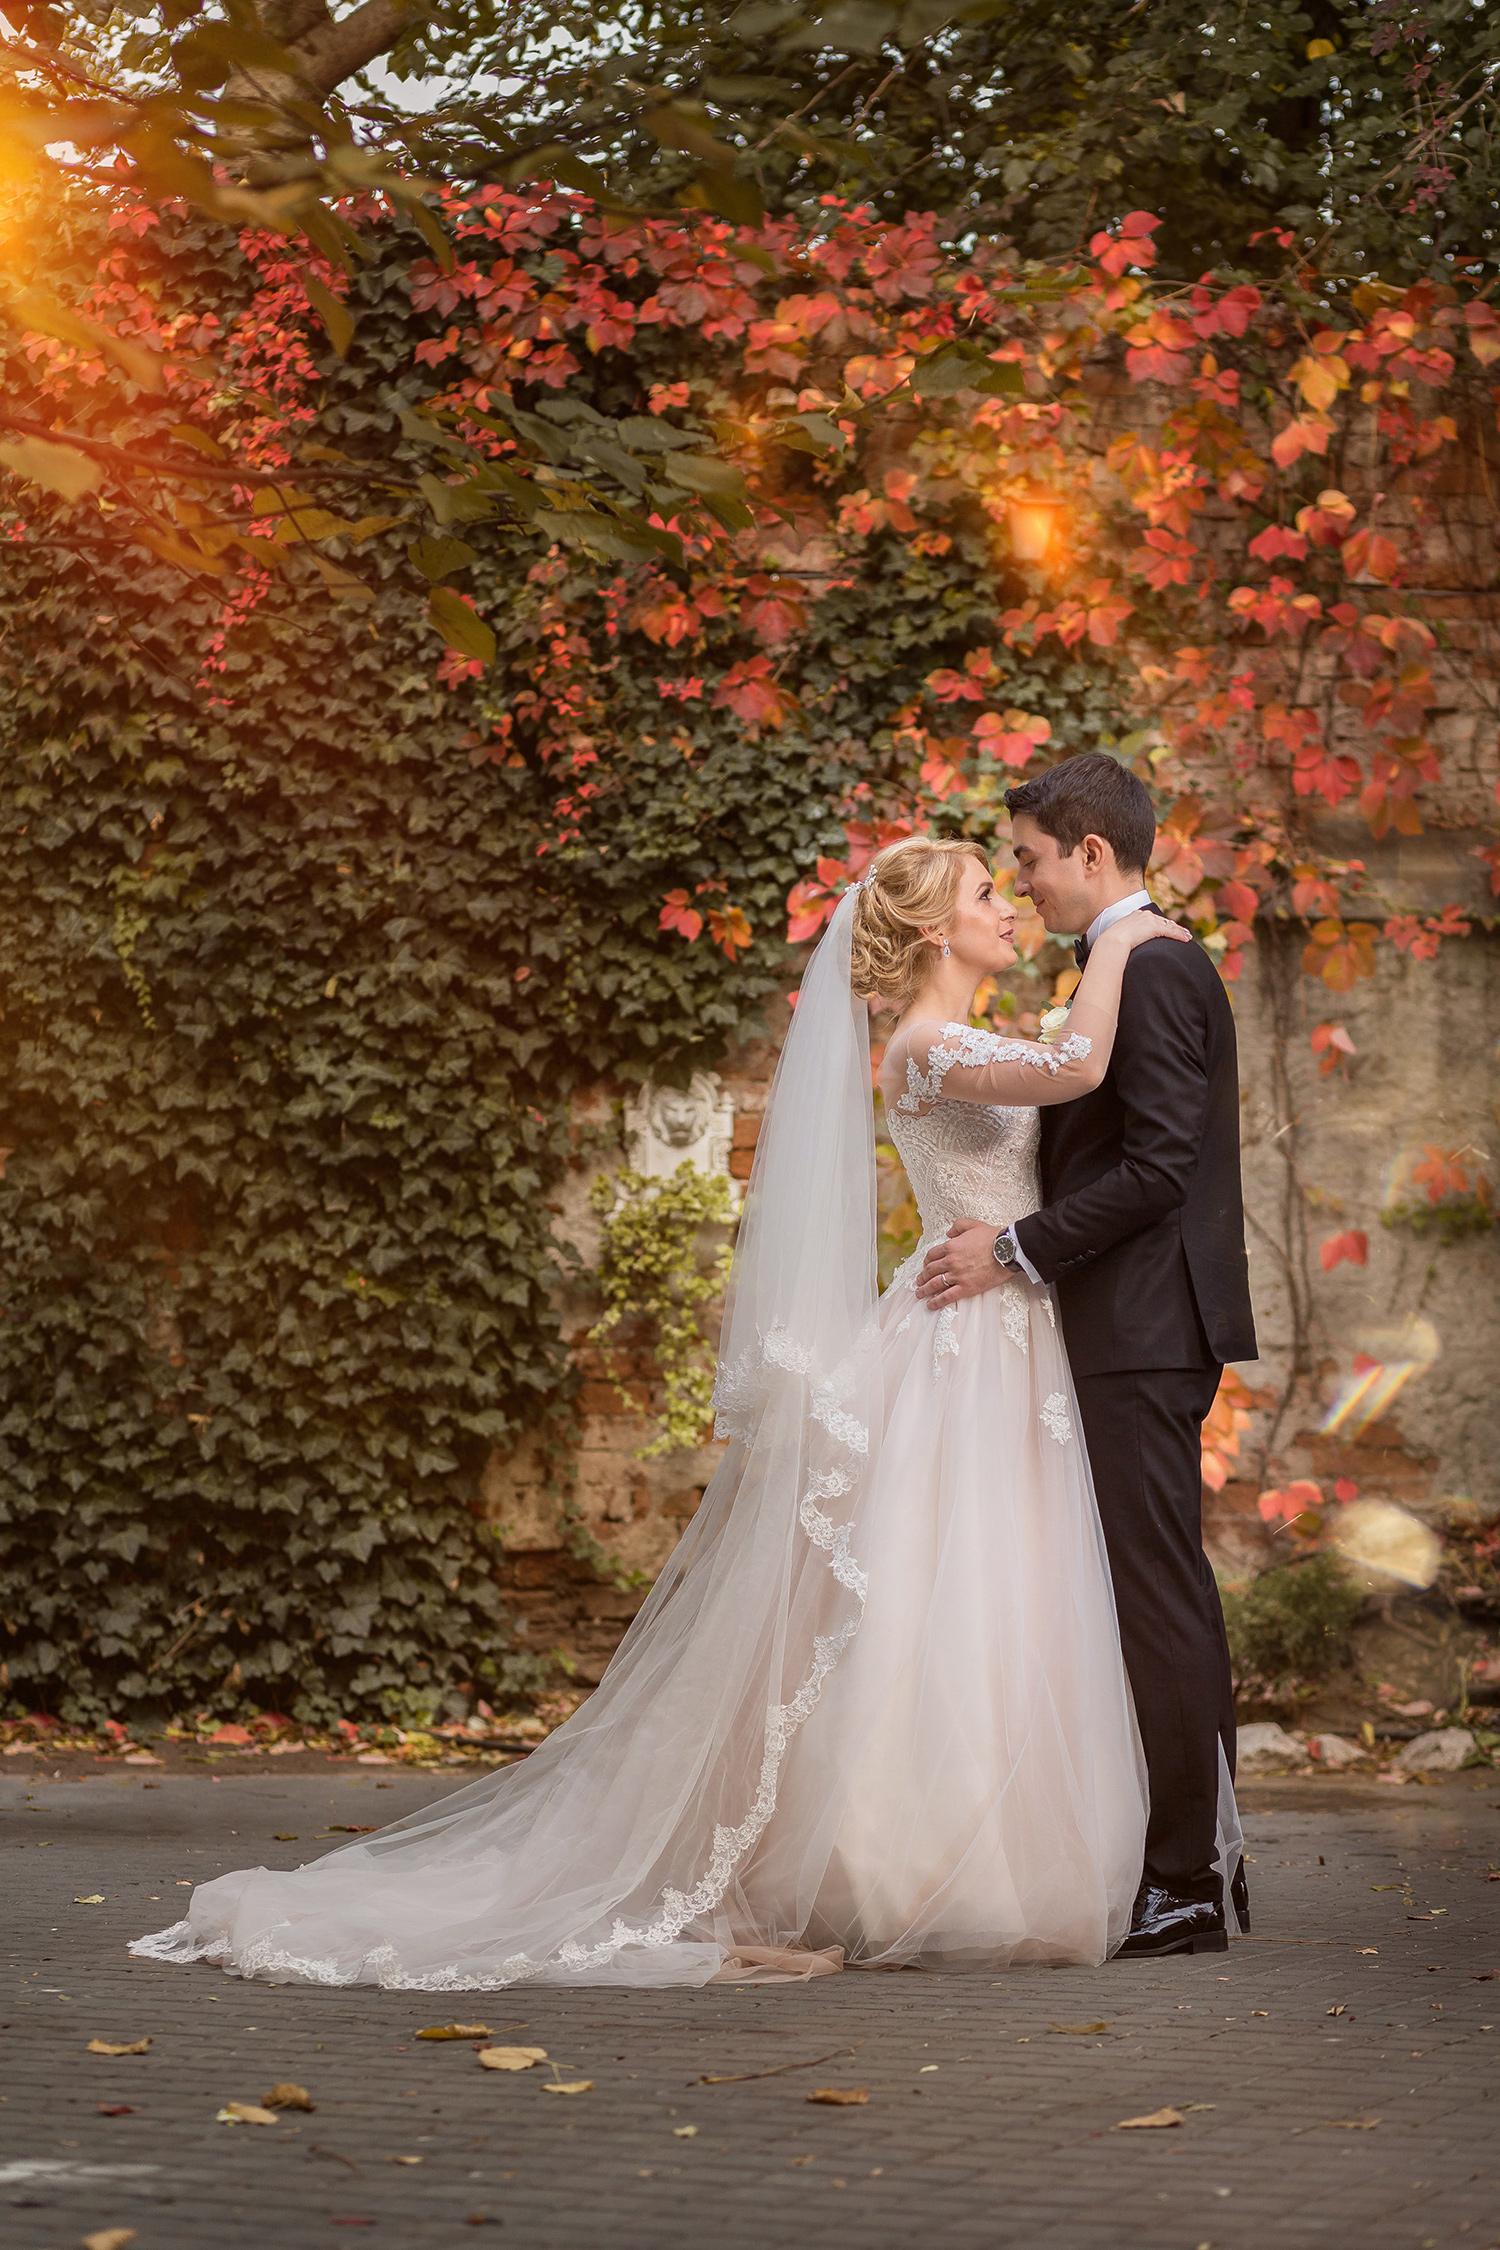 fotograf nunta bucuresti radu adelina 0105.jpg?scale.width=687&scale